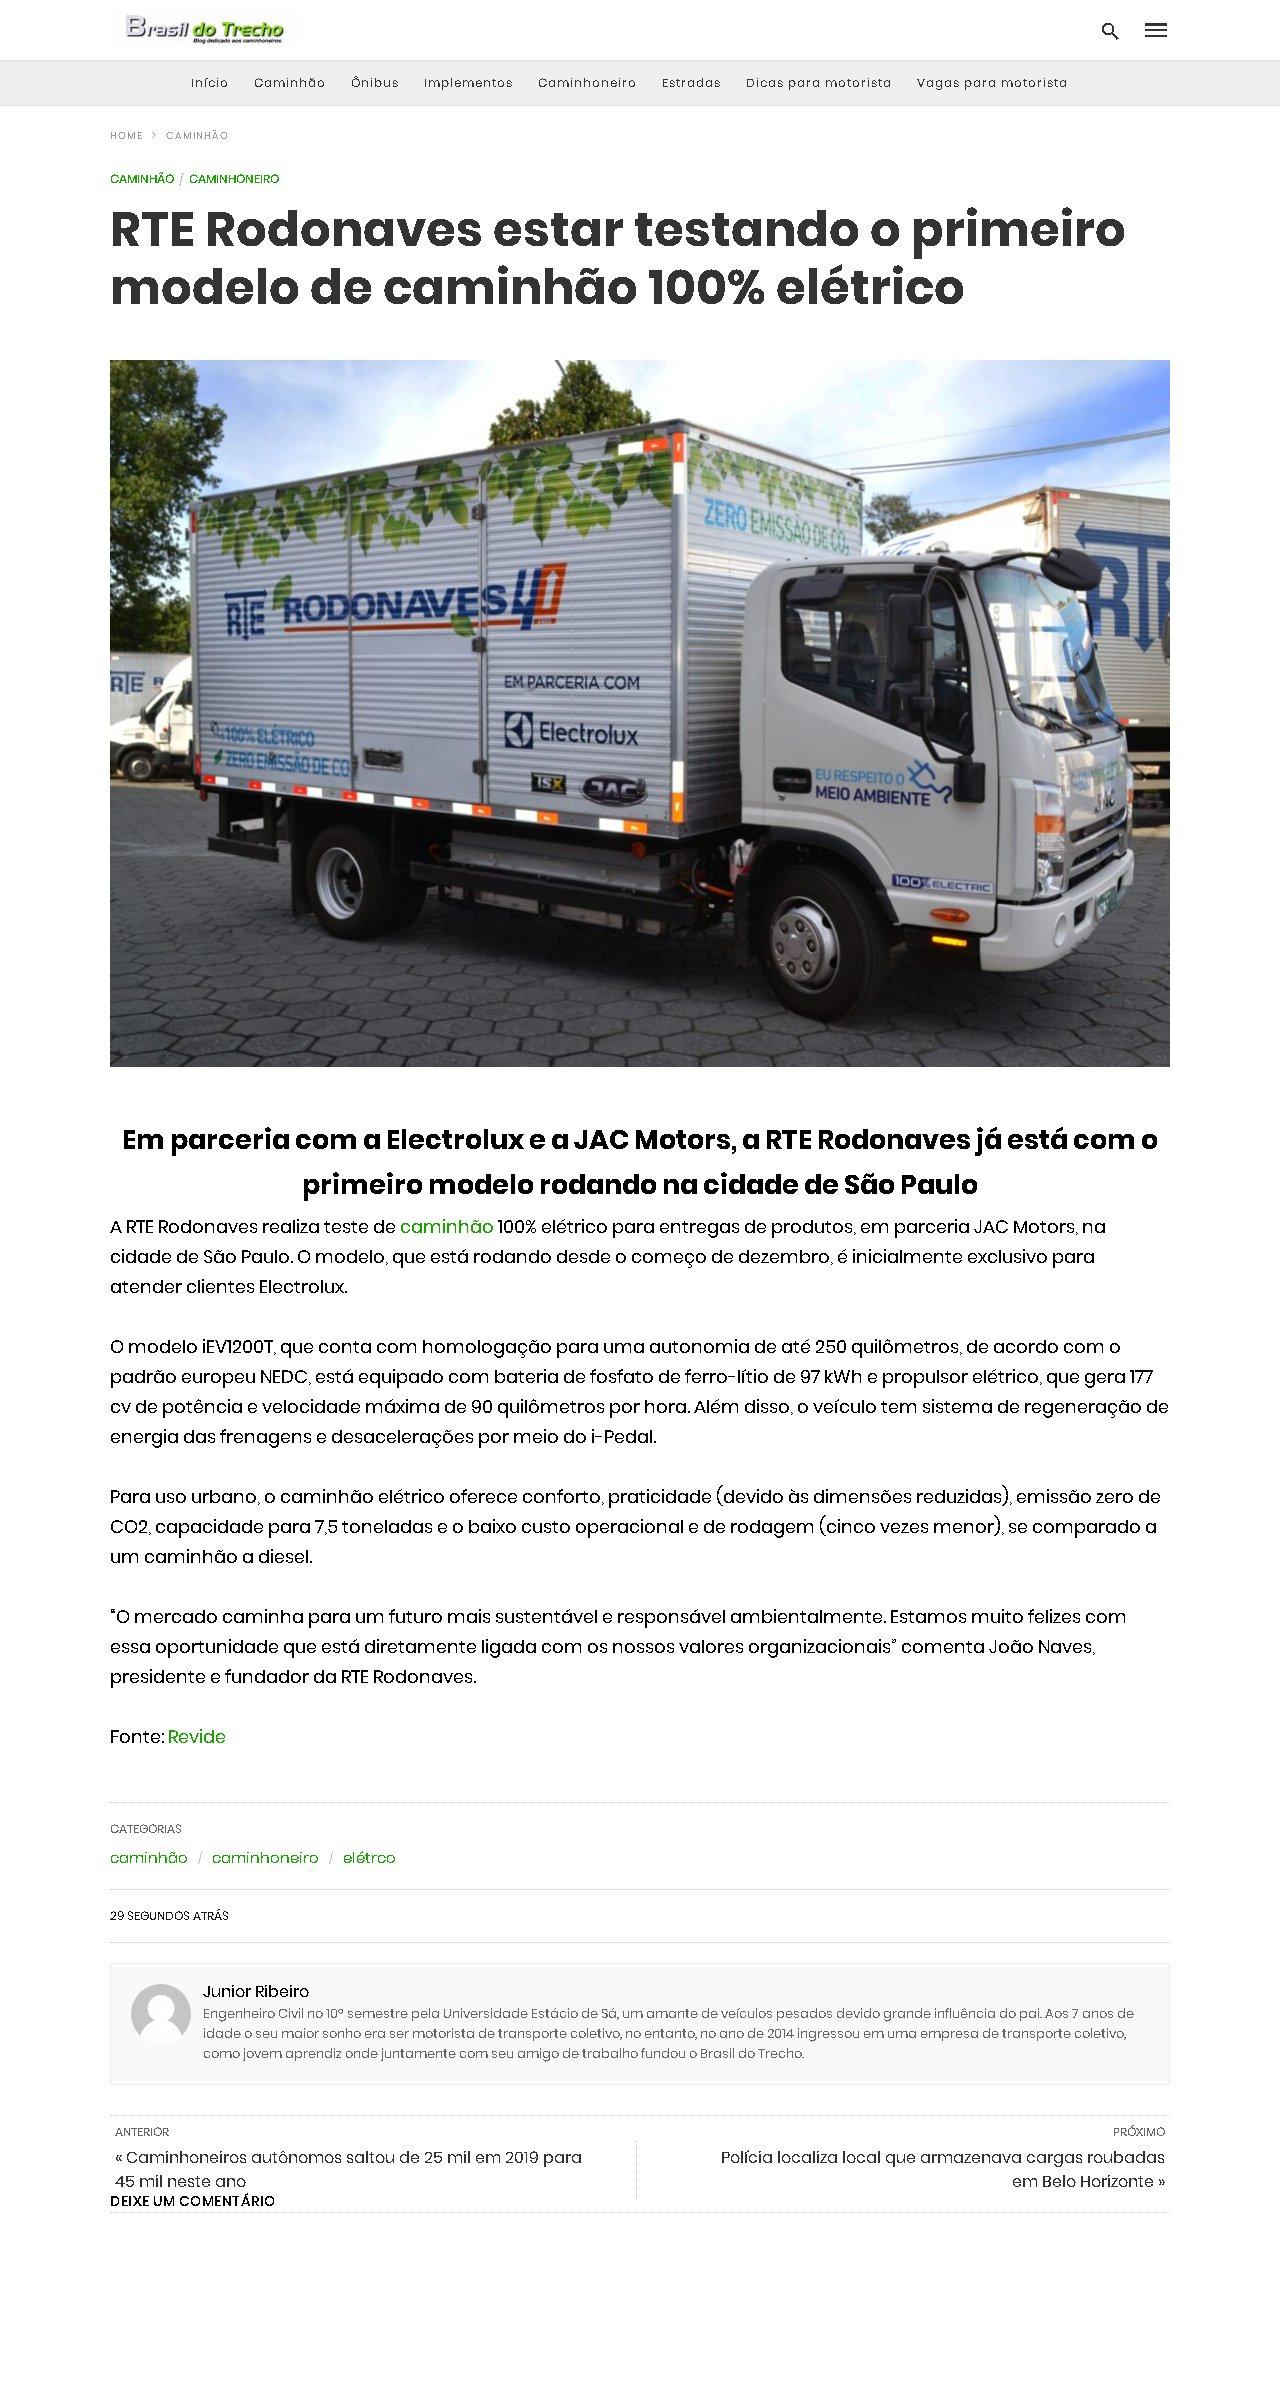 RTE Rodonaves estar testando o primeiro modelo de caminhão 100% elétrico - Brasil do Trecho